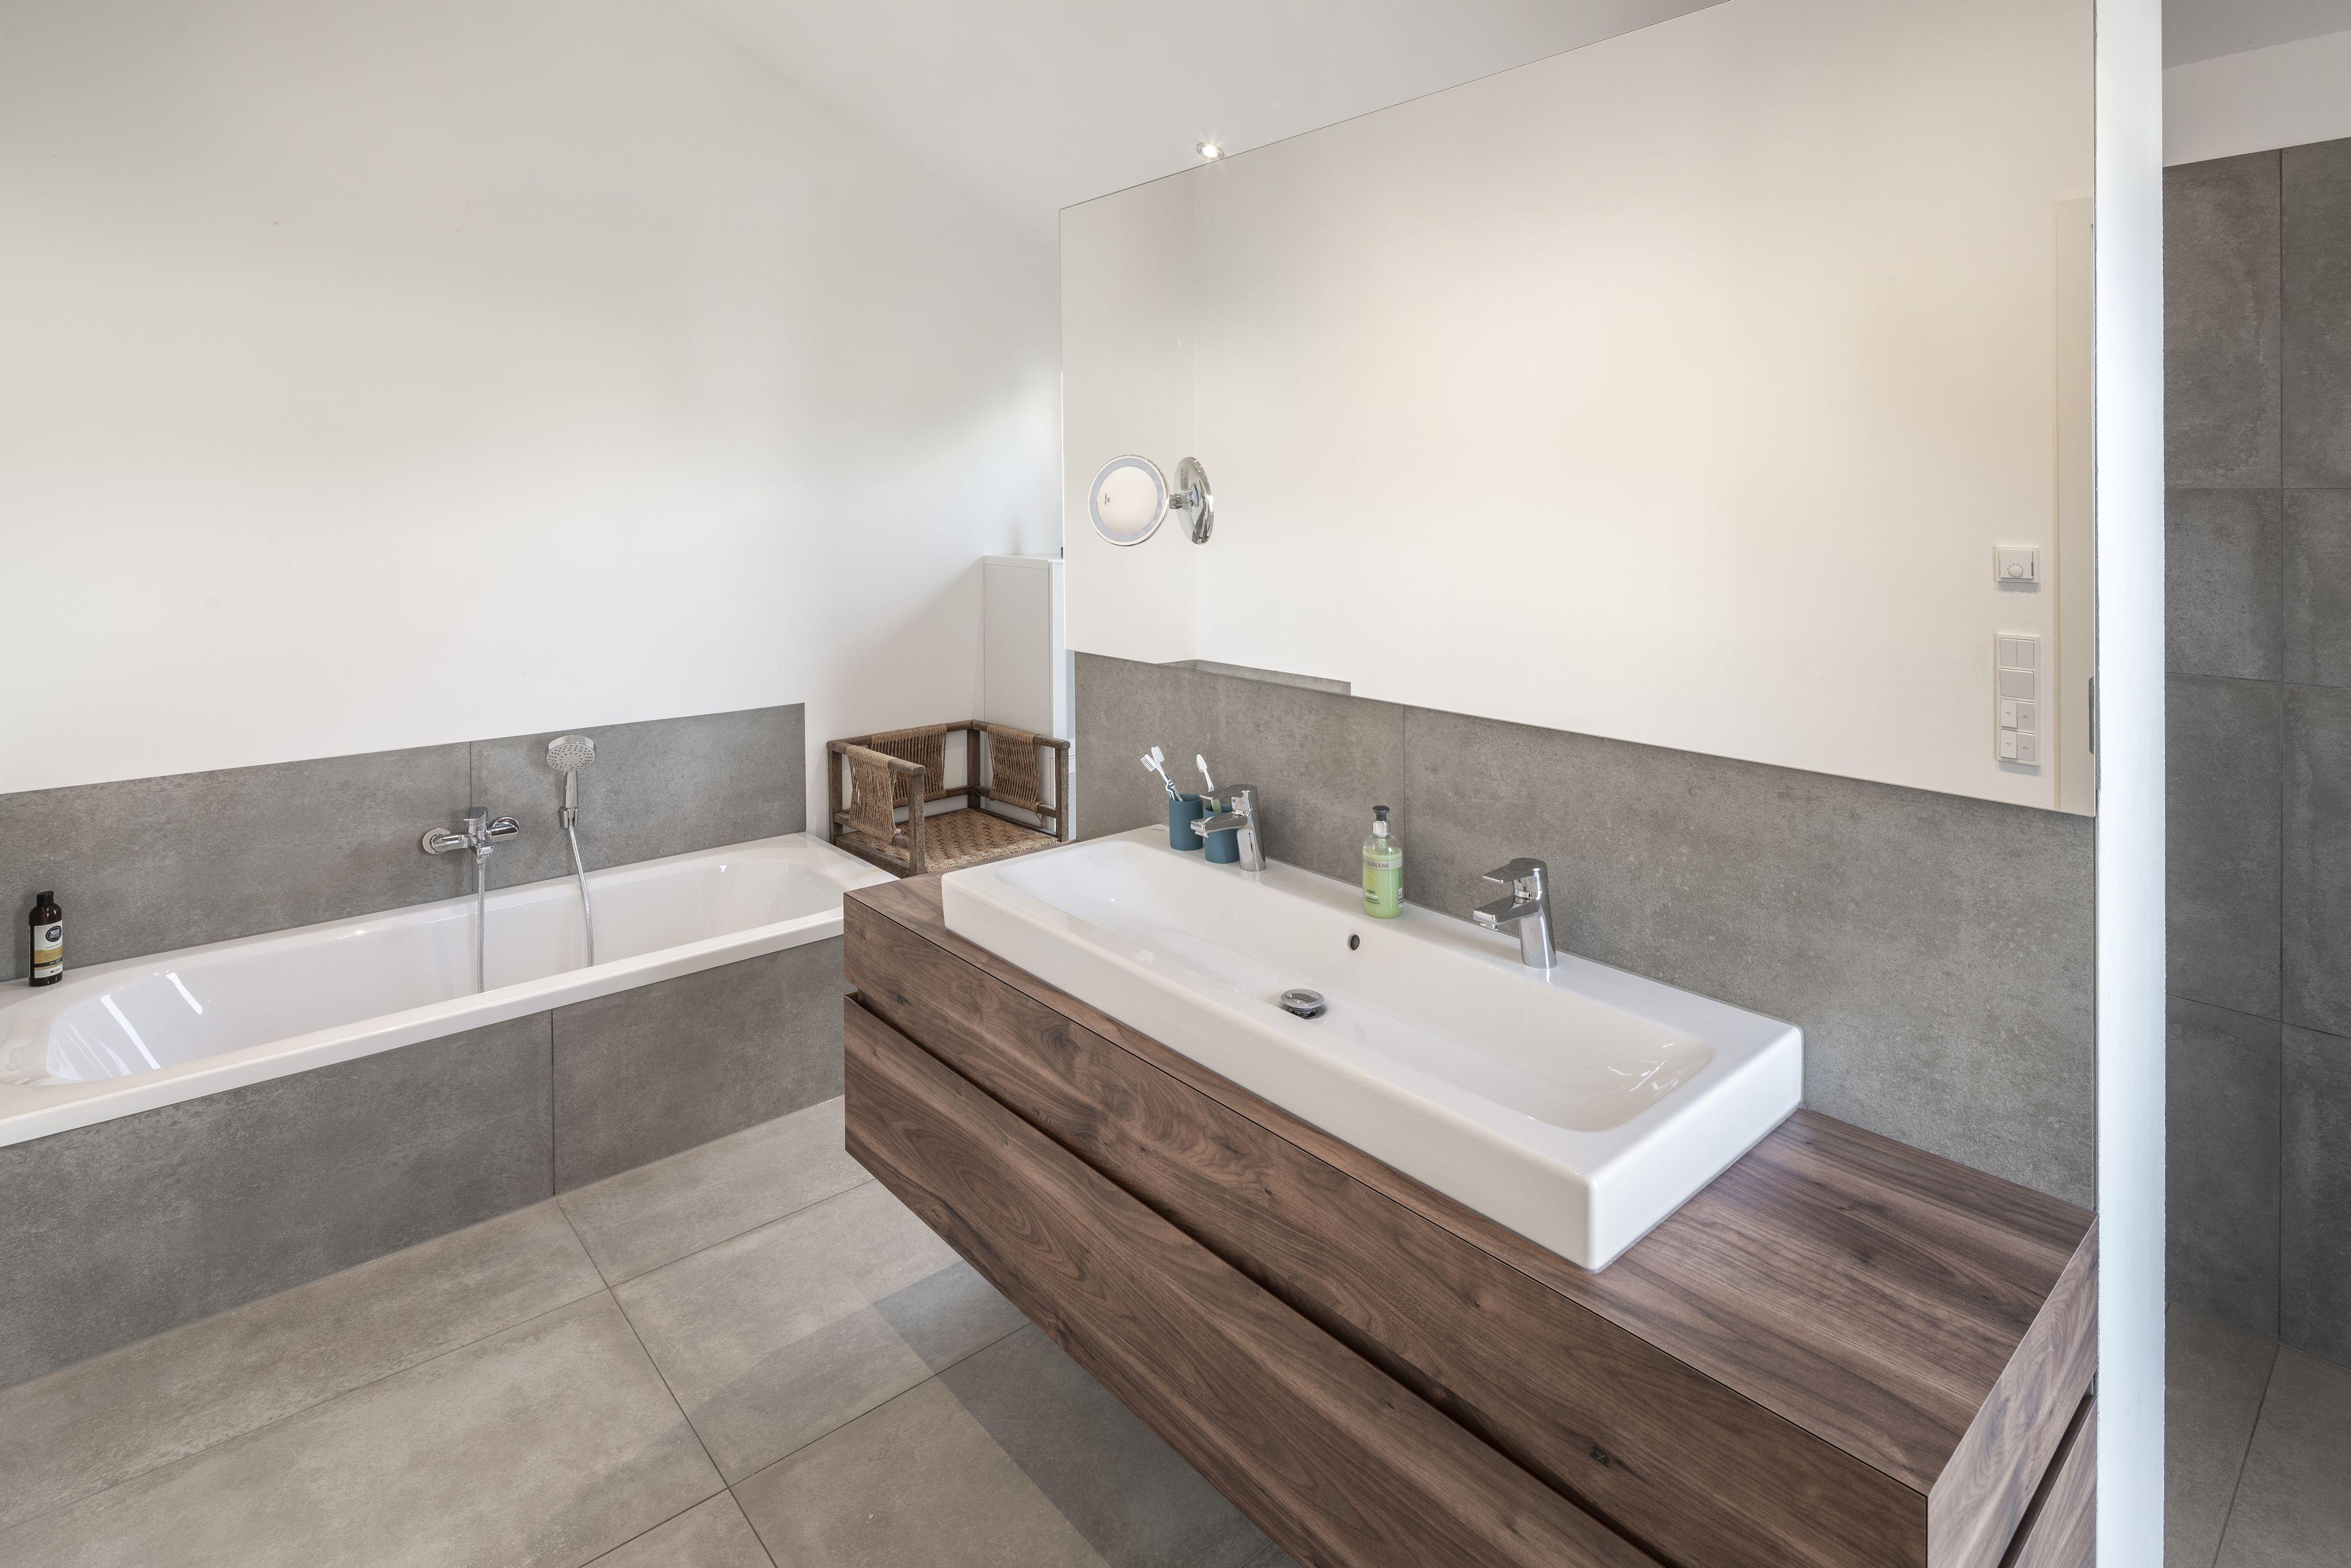 Das Moderne Bad Die Wellnessoase Im Eigenen Haus In 2020 Badezimmer Badezimmerwaschtisch Haus